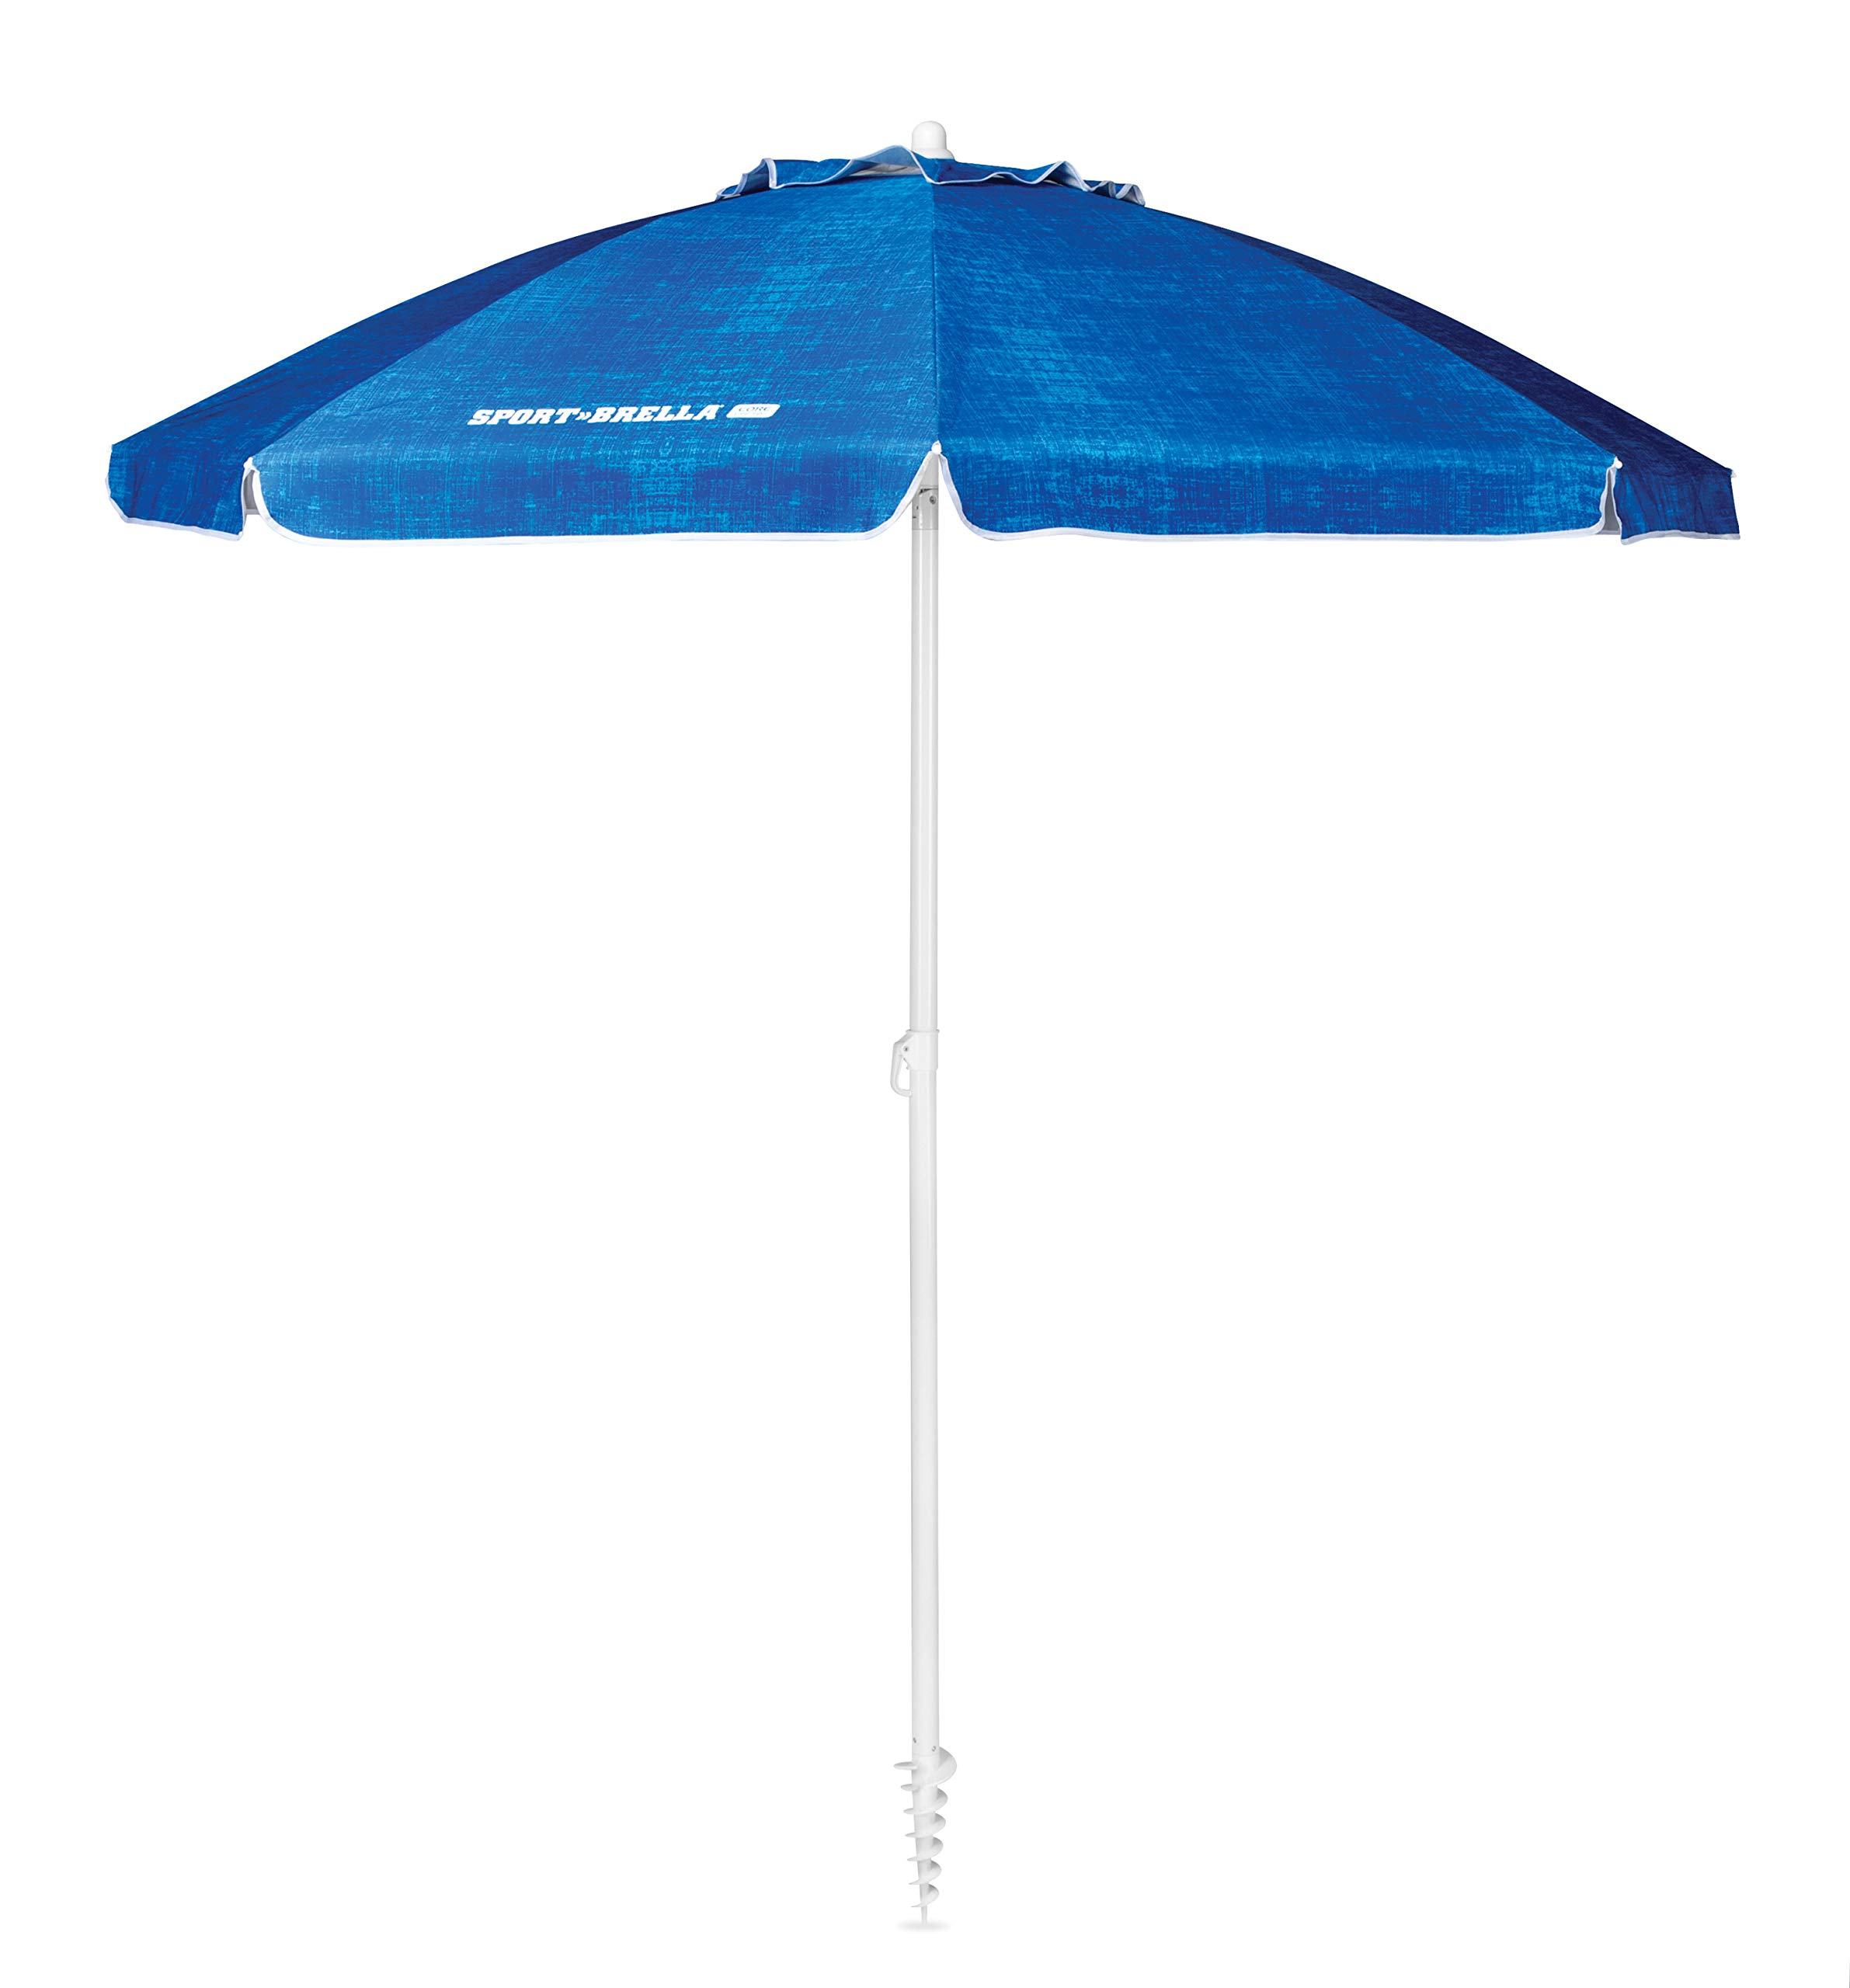 Sport-Brella Core Vented SPF 50+ Upright Beach Umbrella (6-Foot), Heathered Blue by Sport-Brella